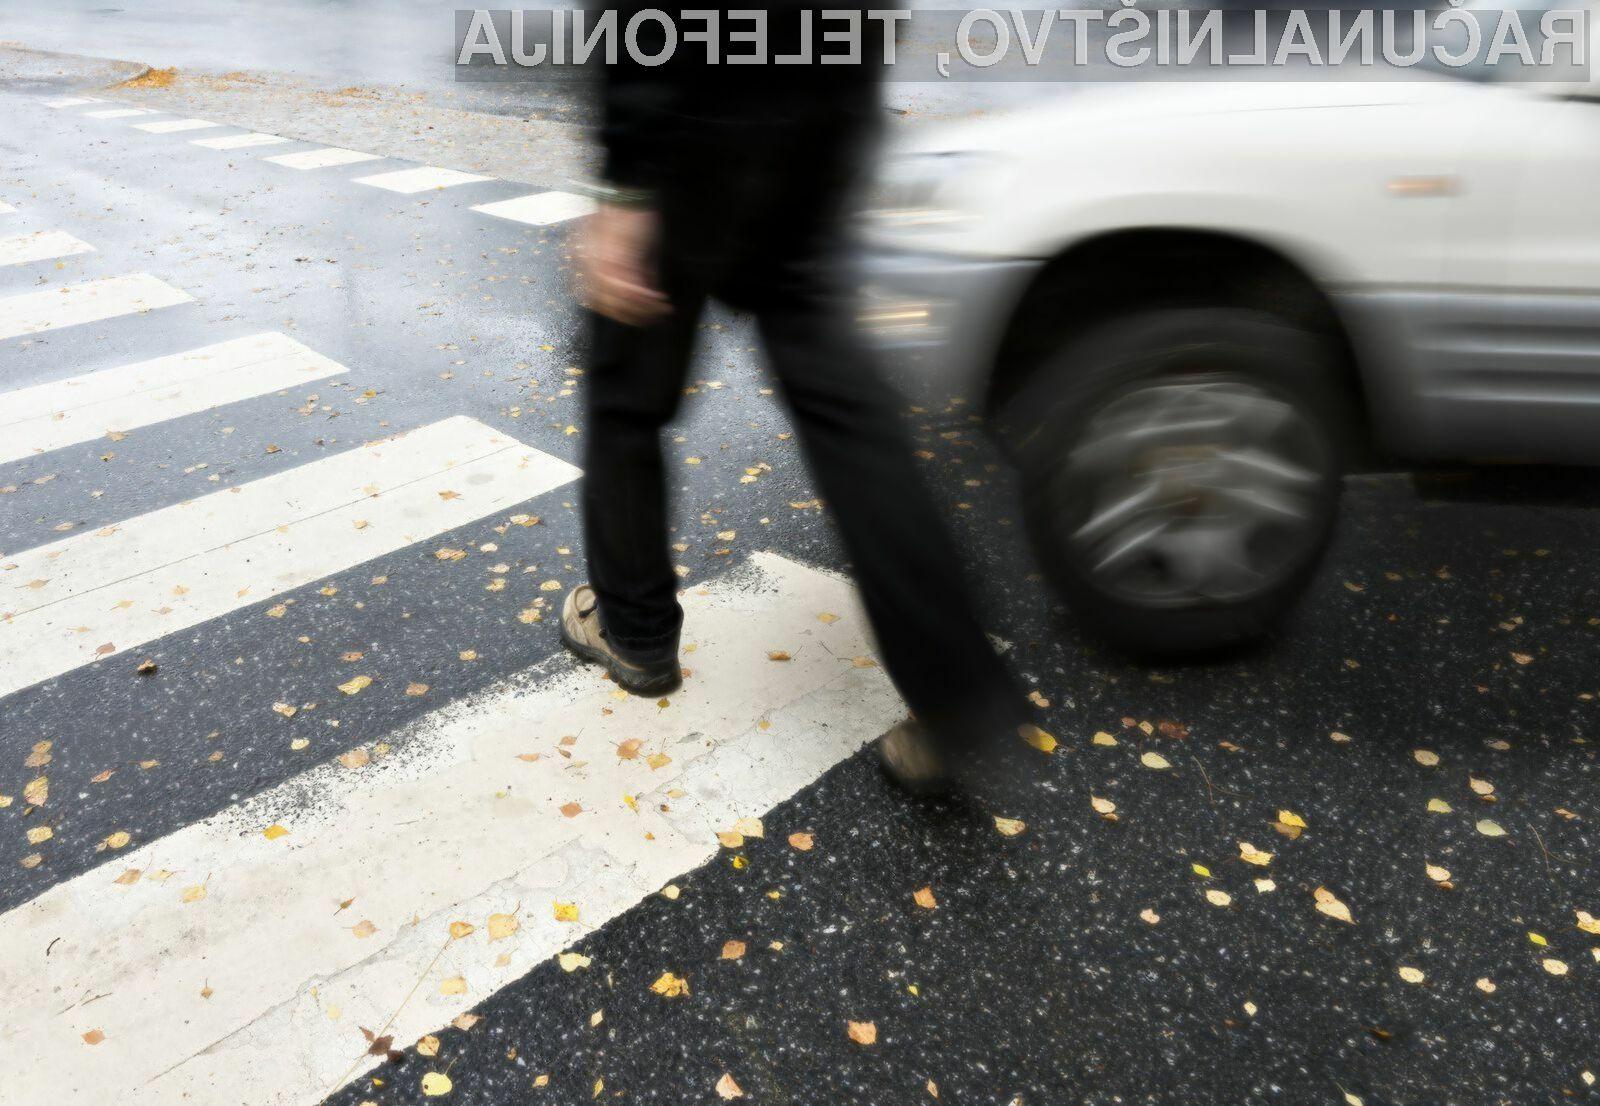 Nova avtomobilska tehnologija bi lahko preprečila do 65 odstotkov prometnih nesreč, kjer so udeleženi pešci.